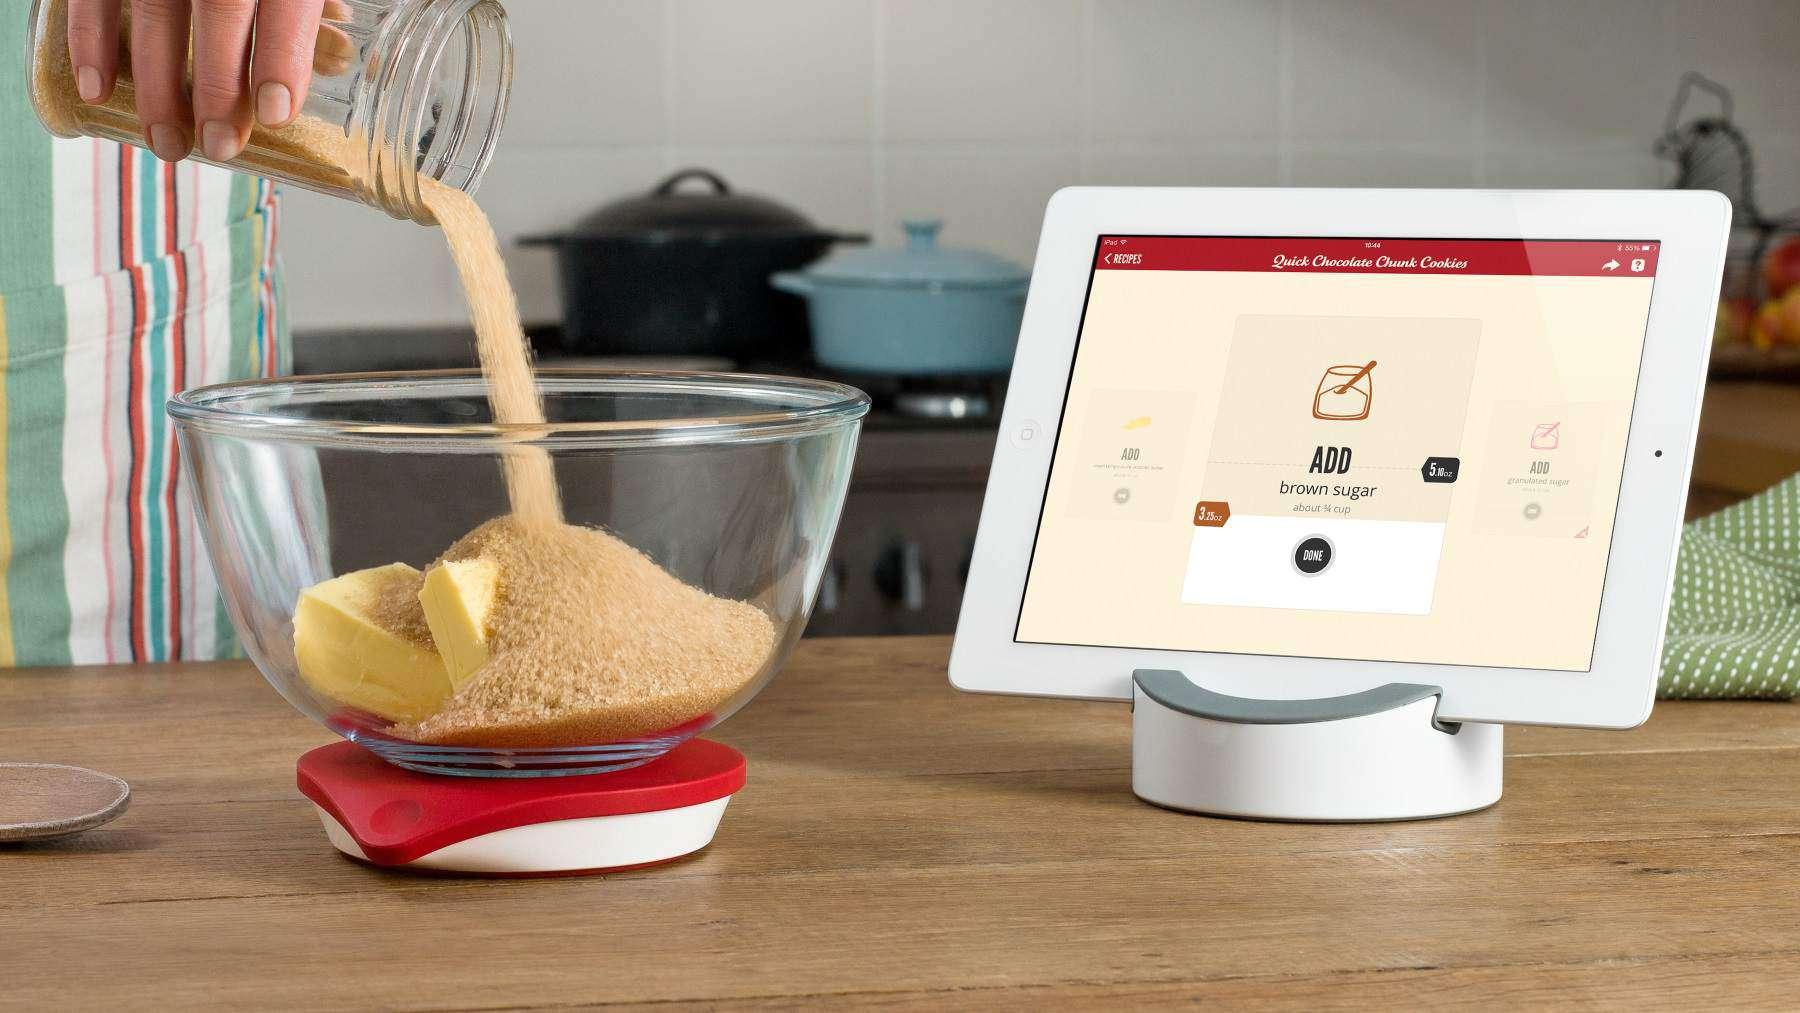 iPad with recipes